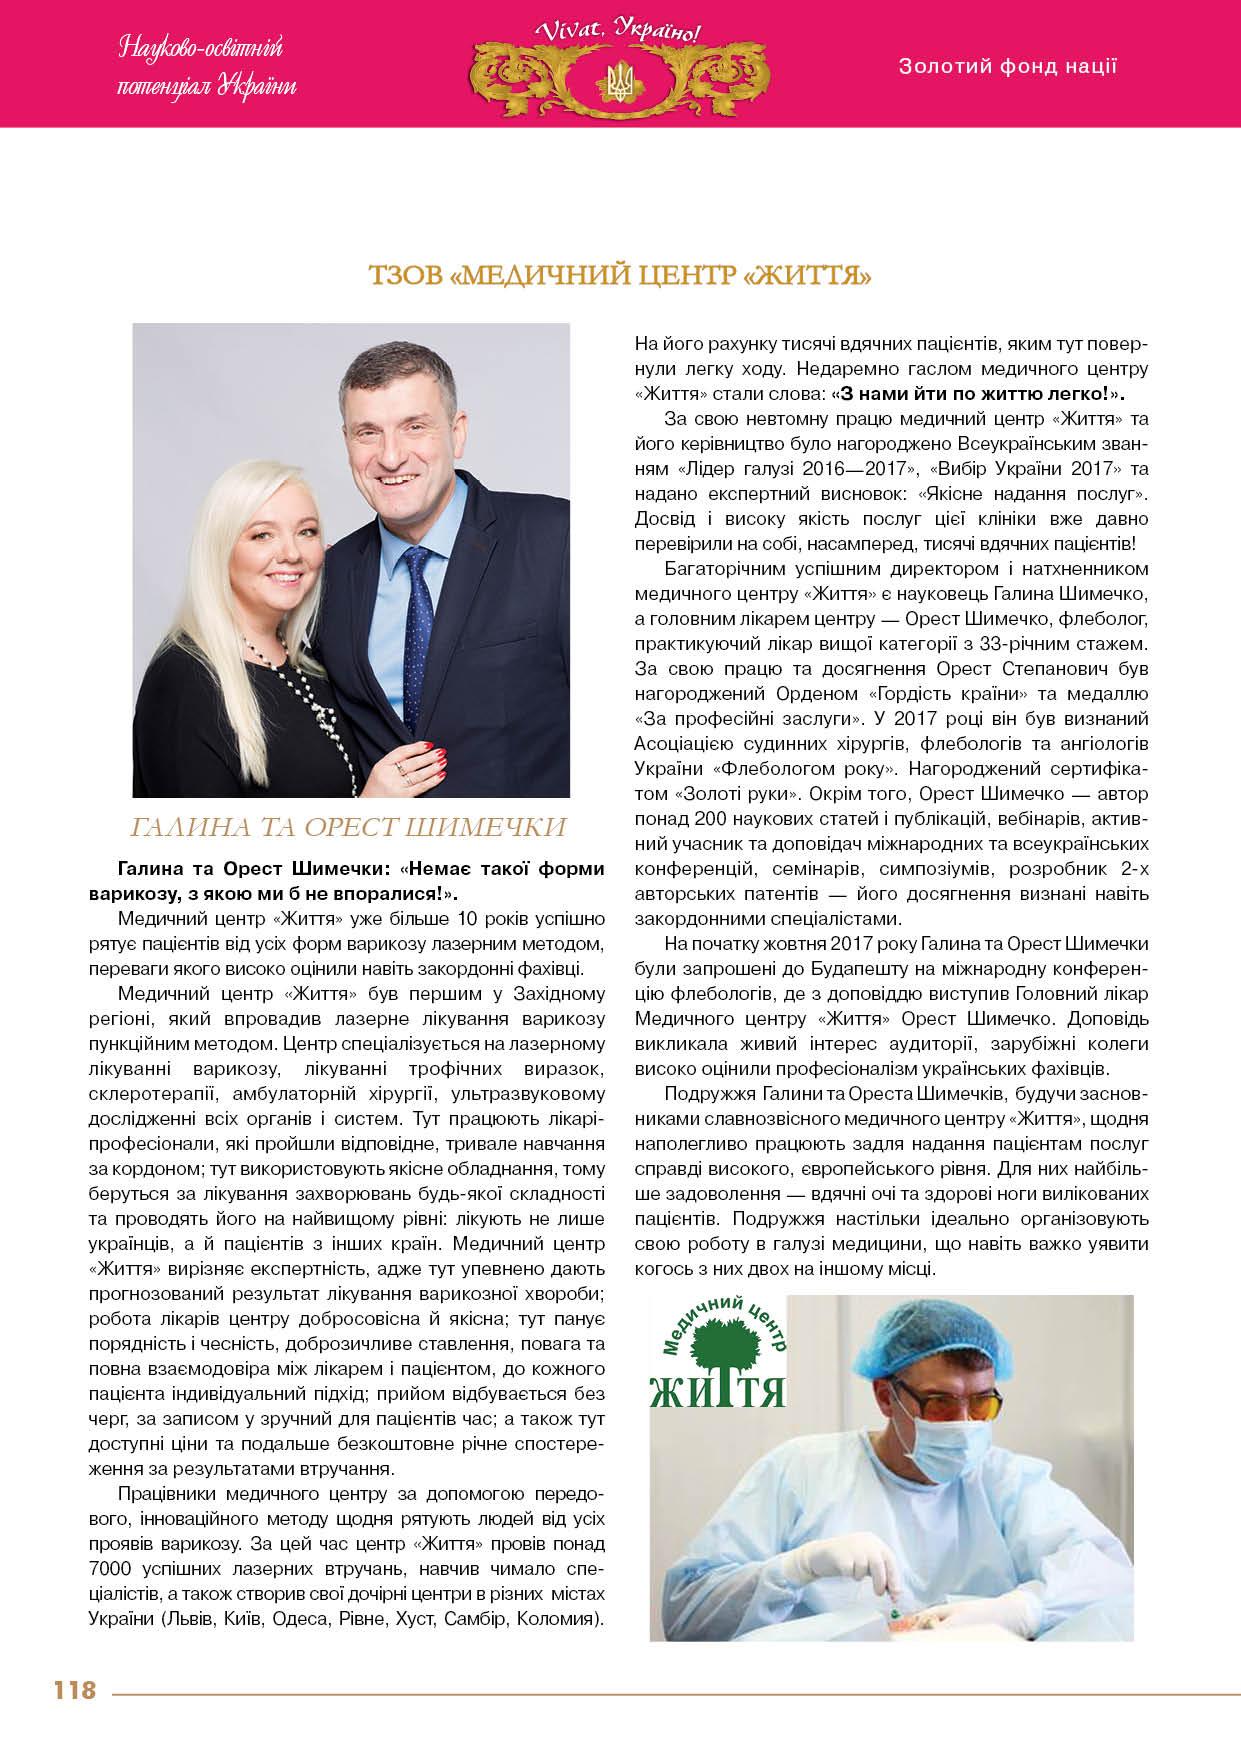 ТзОВ «Медичний центр «Життя» - Галина та Орест Шимечки